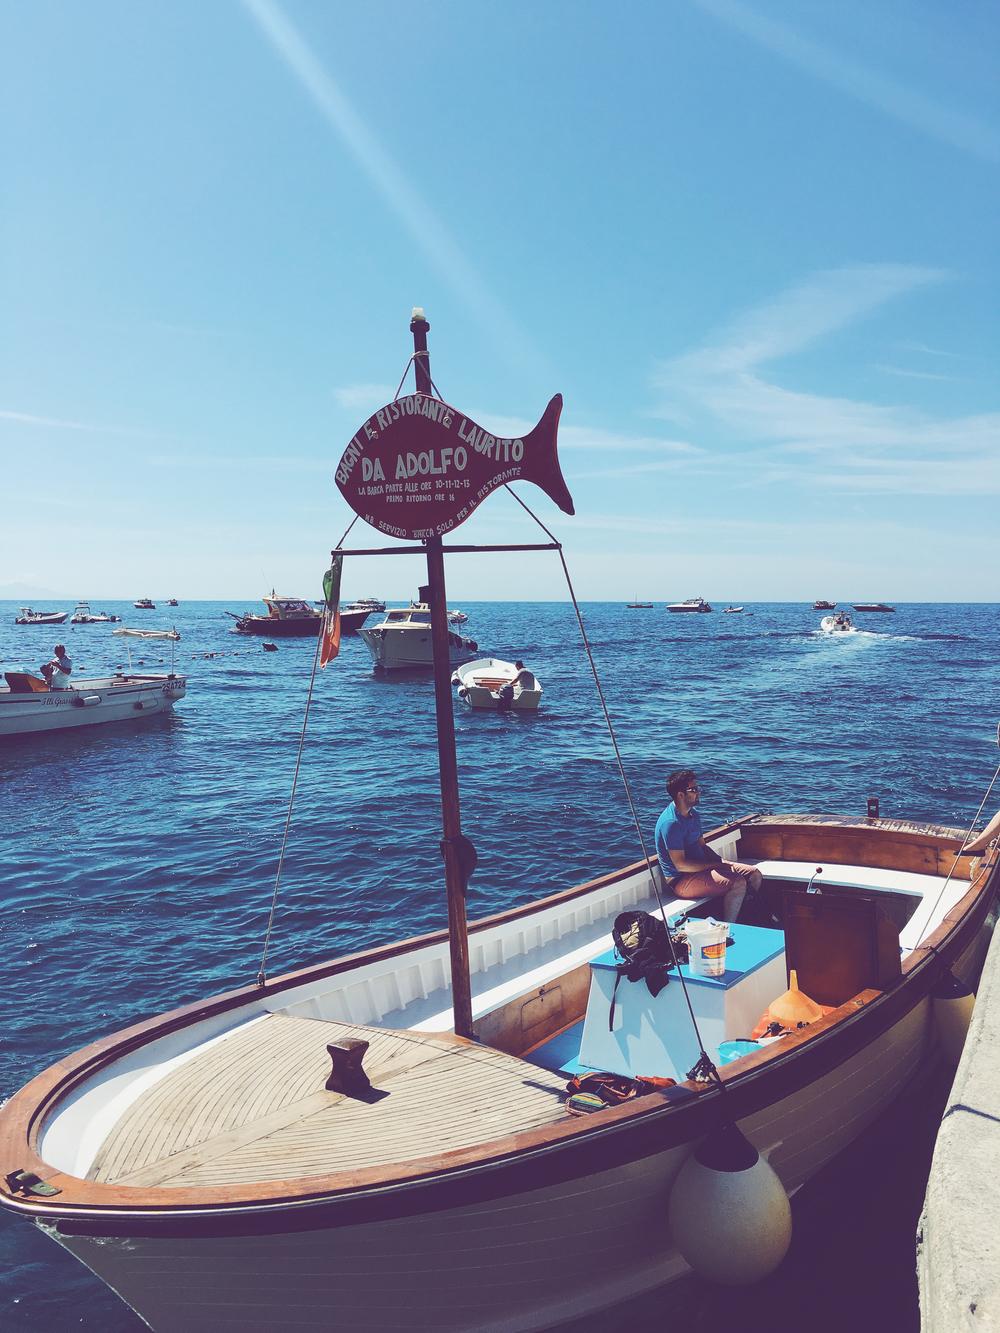 Boat to Da Adolfo